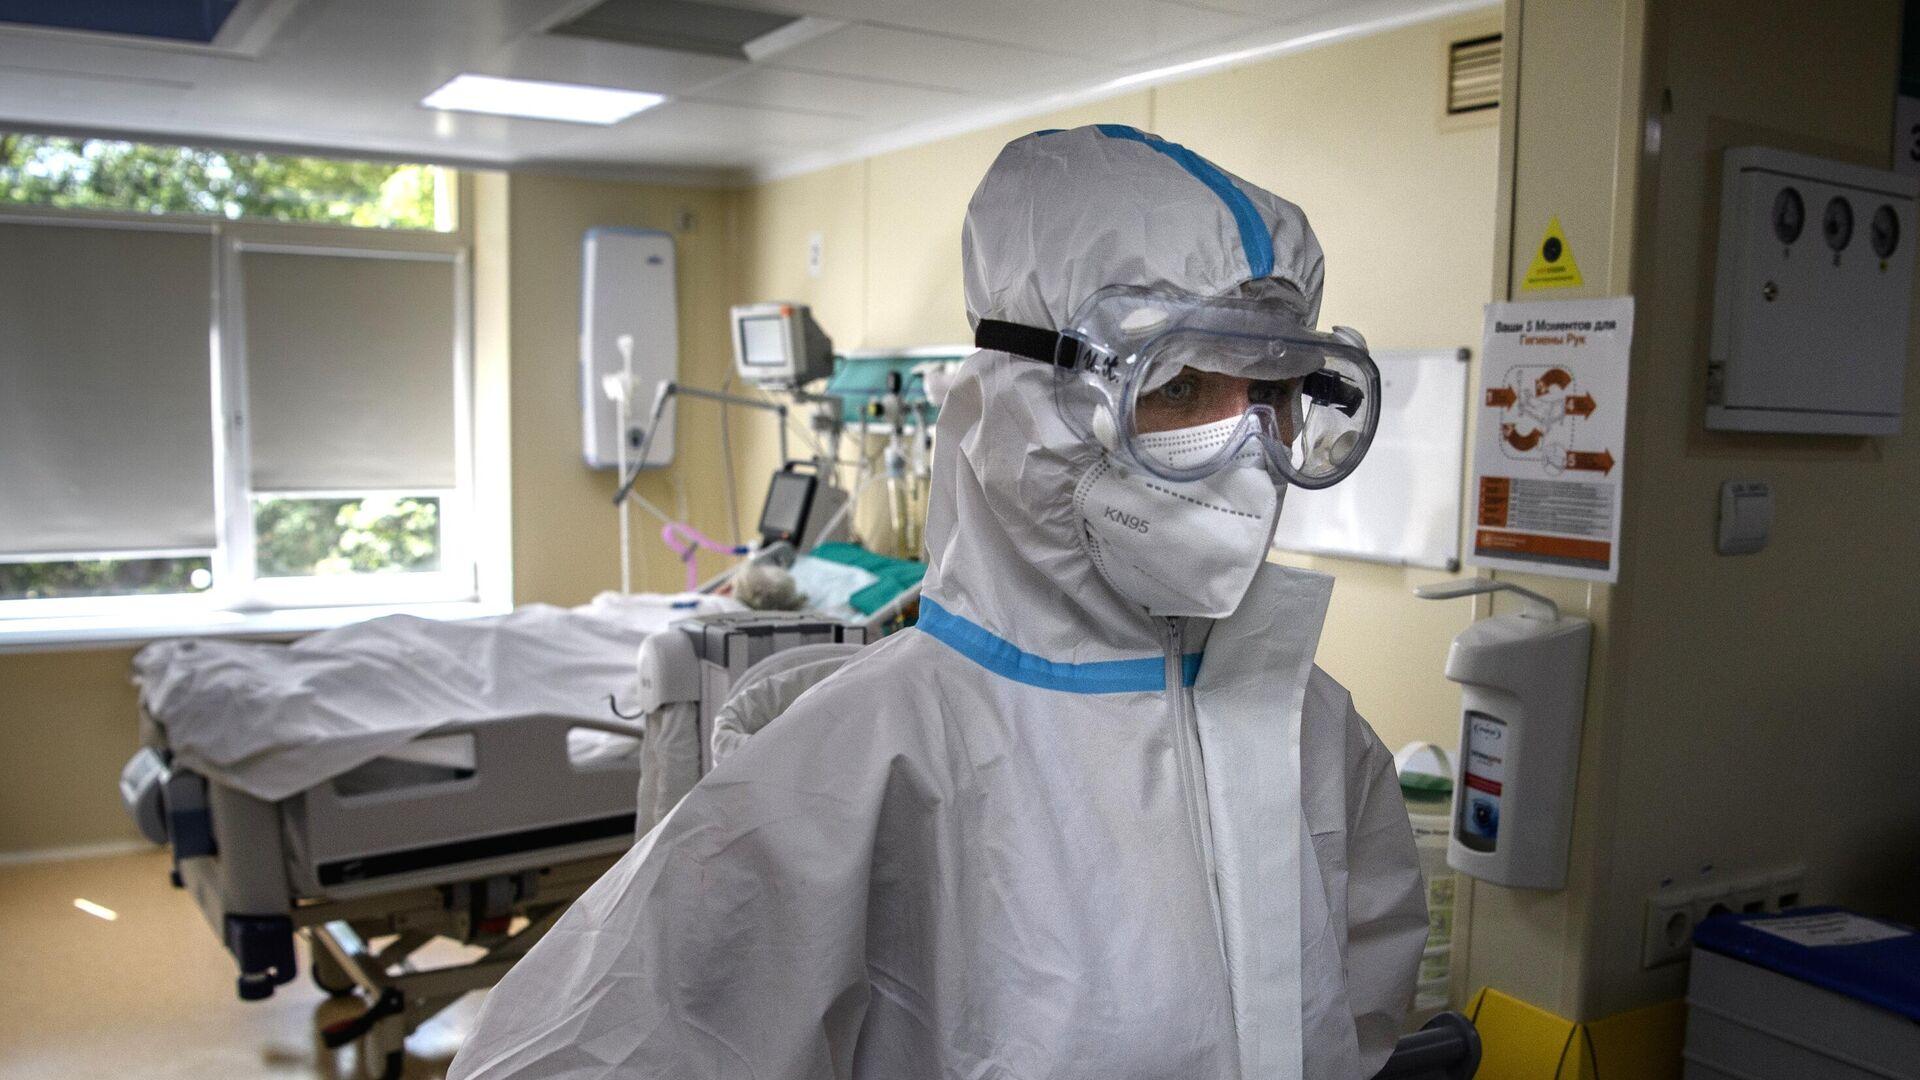 Медицинский работник в отделении реанимации и интенсивной терапии в госпитале COVID-19 в городской клинической больнице No 52 в Москве - РИА Новости, 1920, 21.07.2021